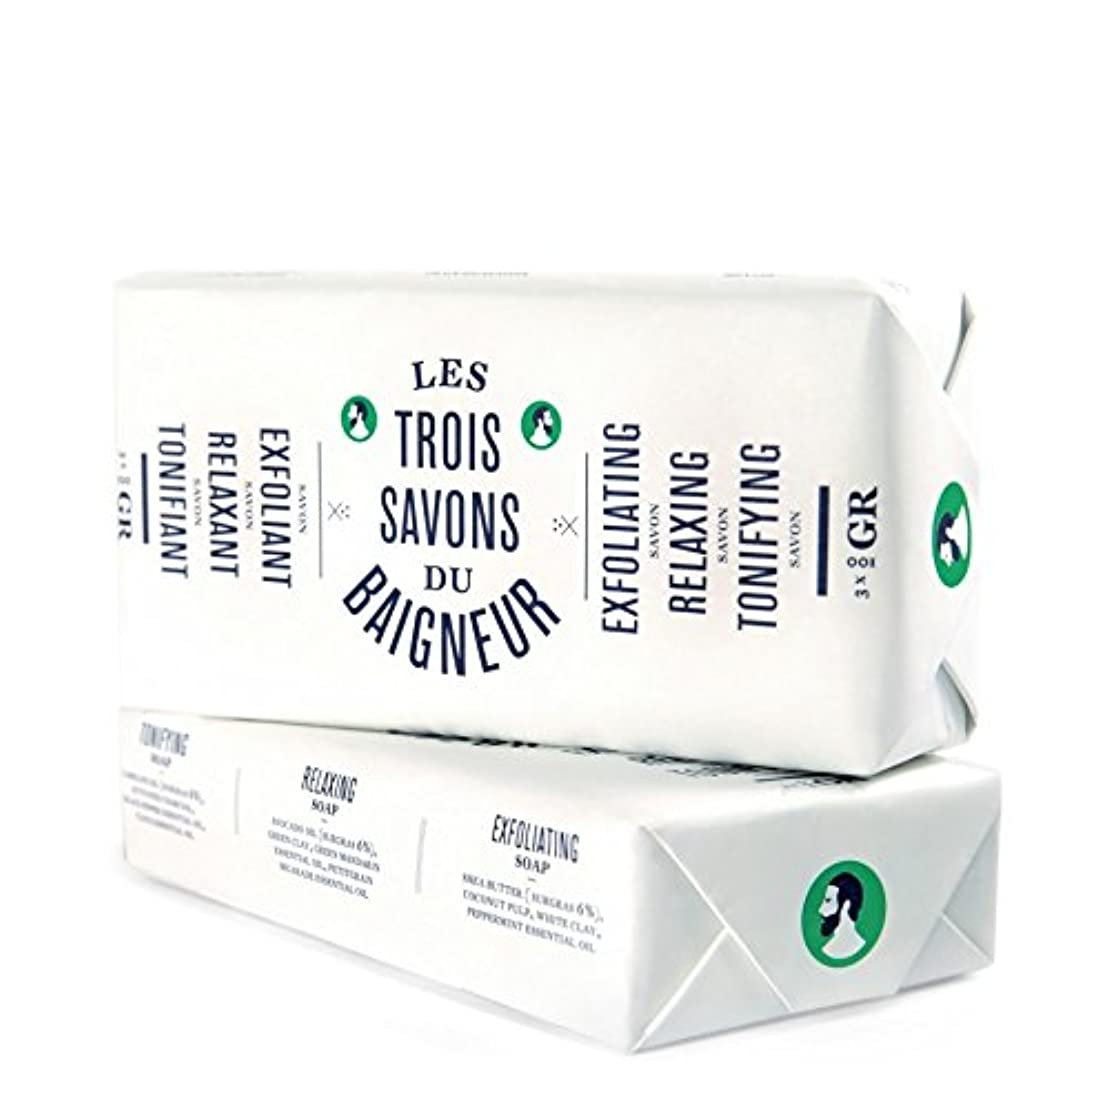 ふくろう理想的織機ル石鹸セット300グラム x4 - Le Baigneur Soap Set 300g (Pack of 4) [並行輸入品]